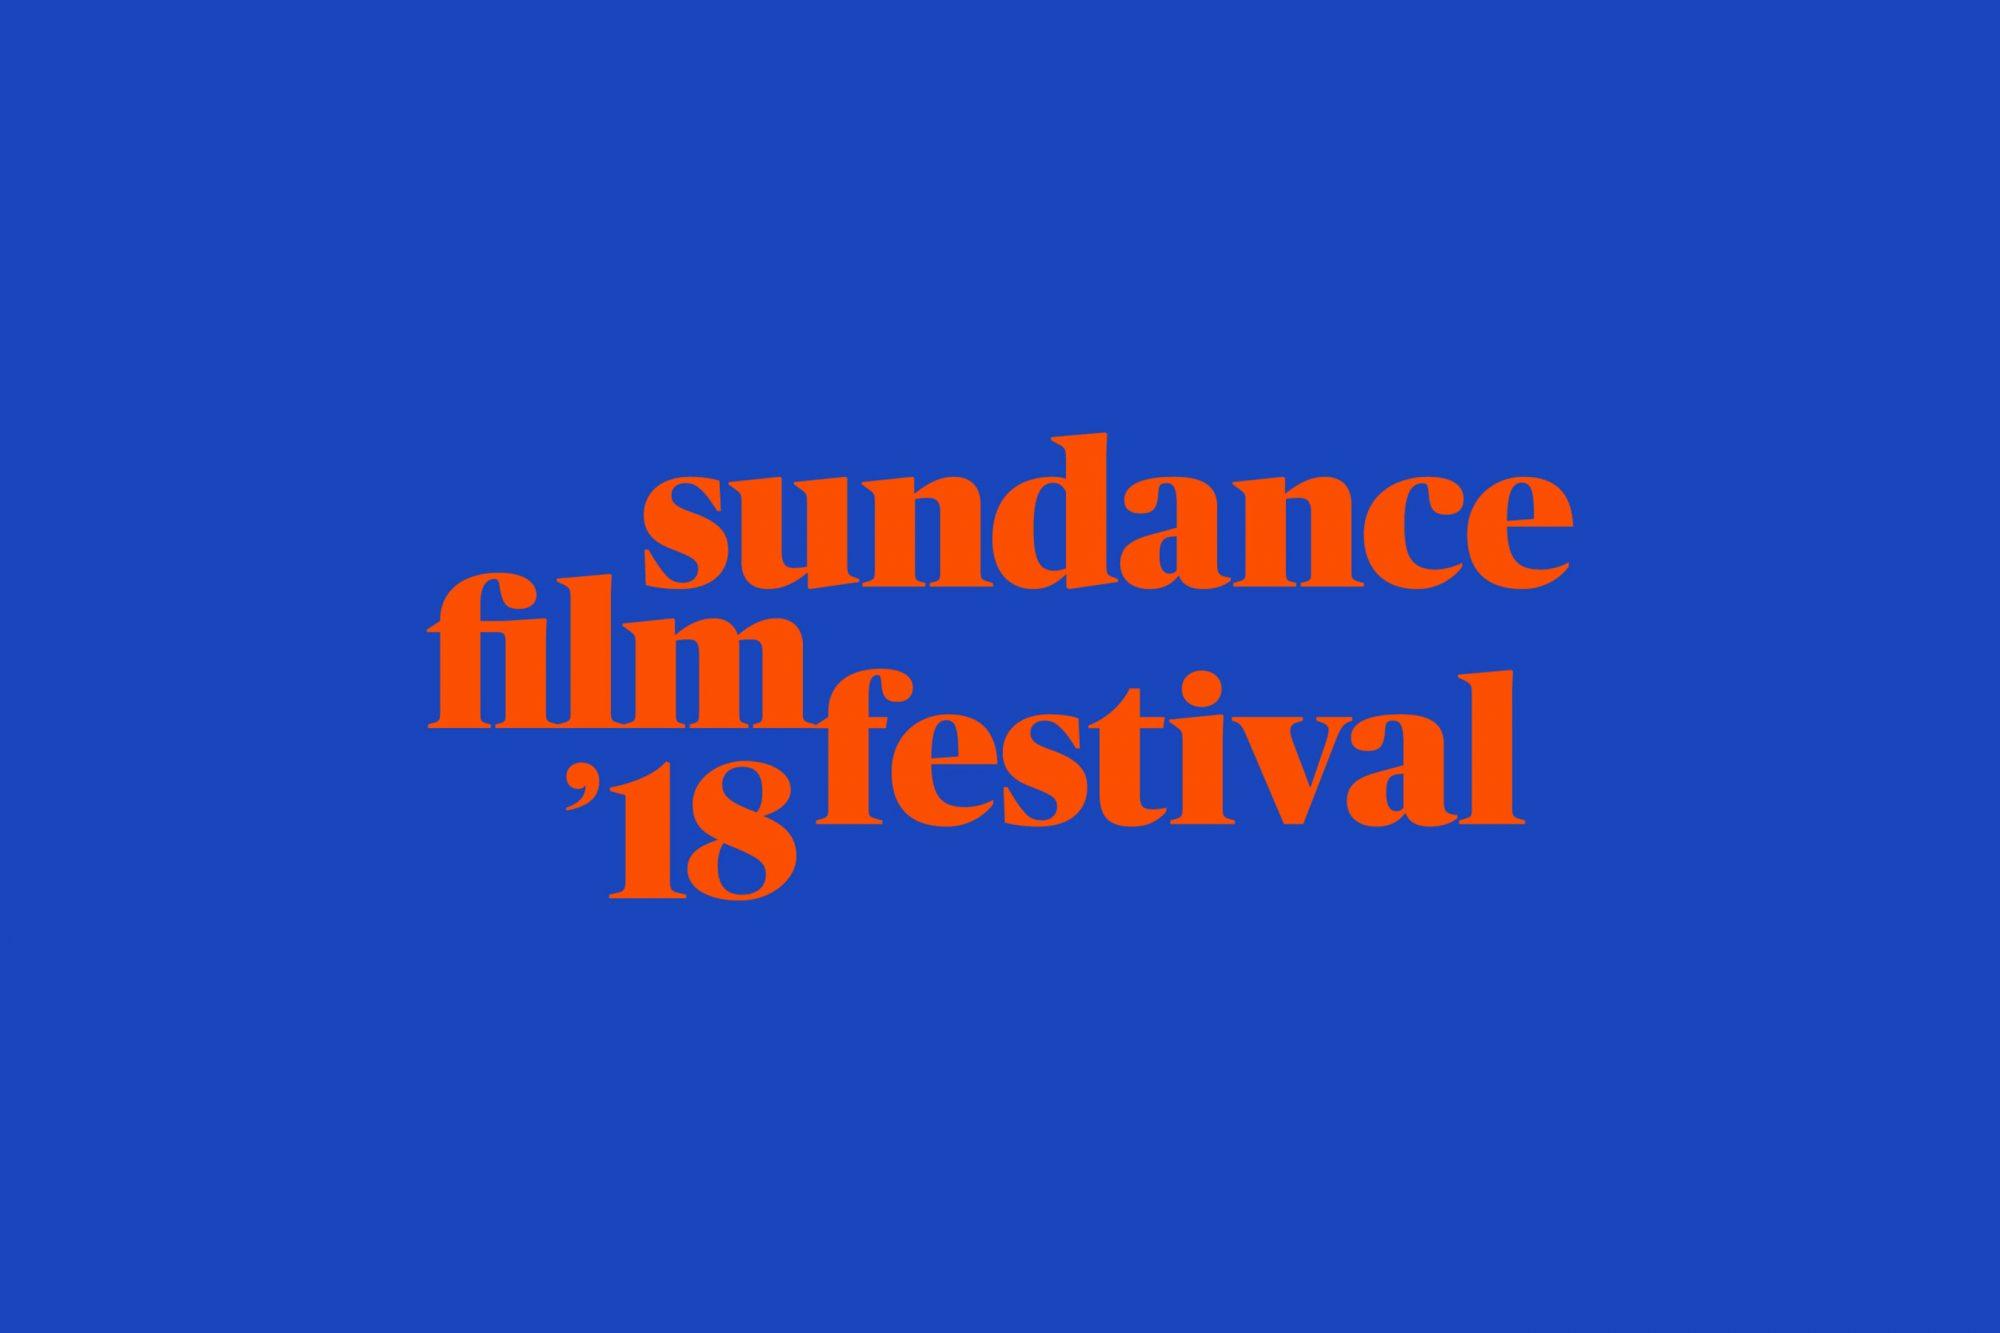 2018-sundance-film-festival-wordmark_36006306825_o